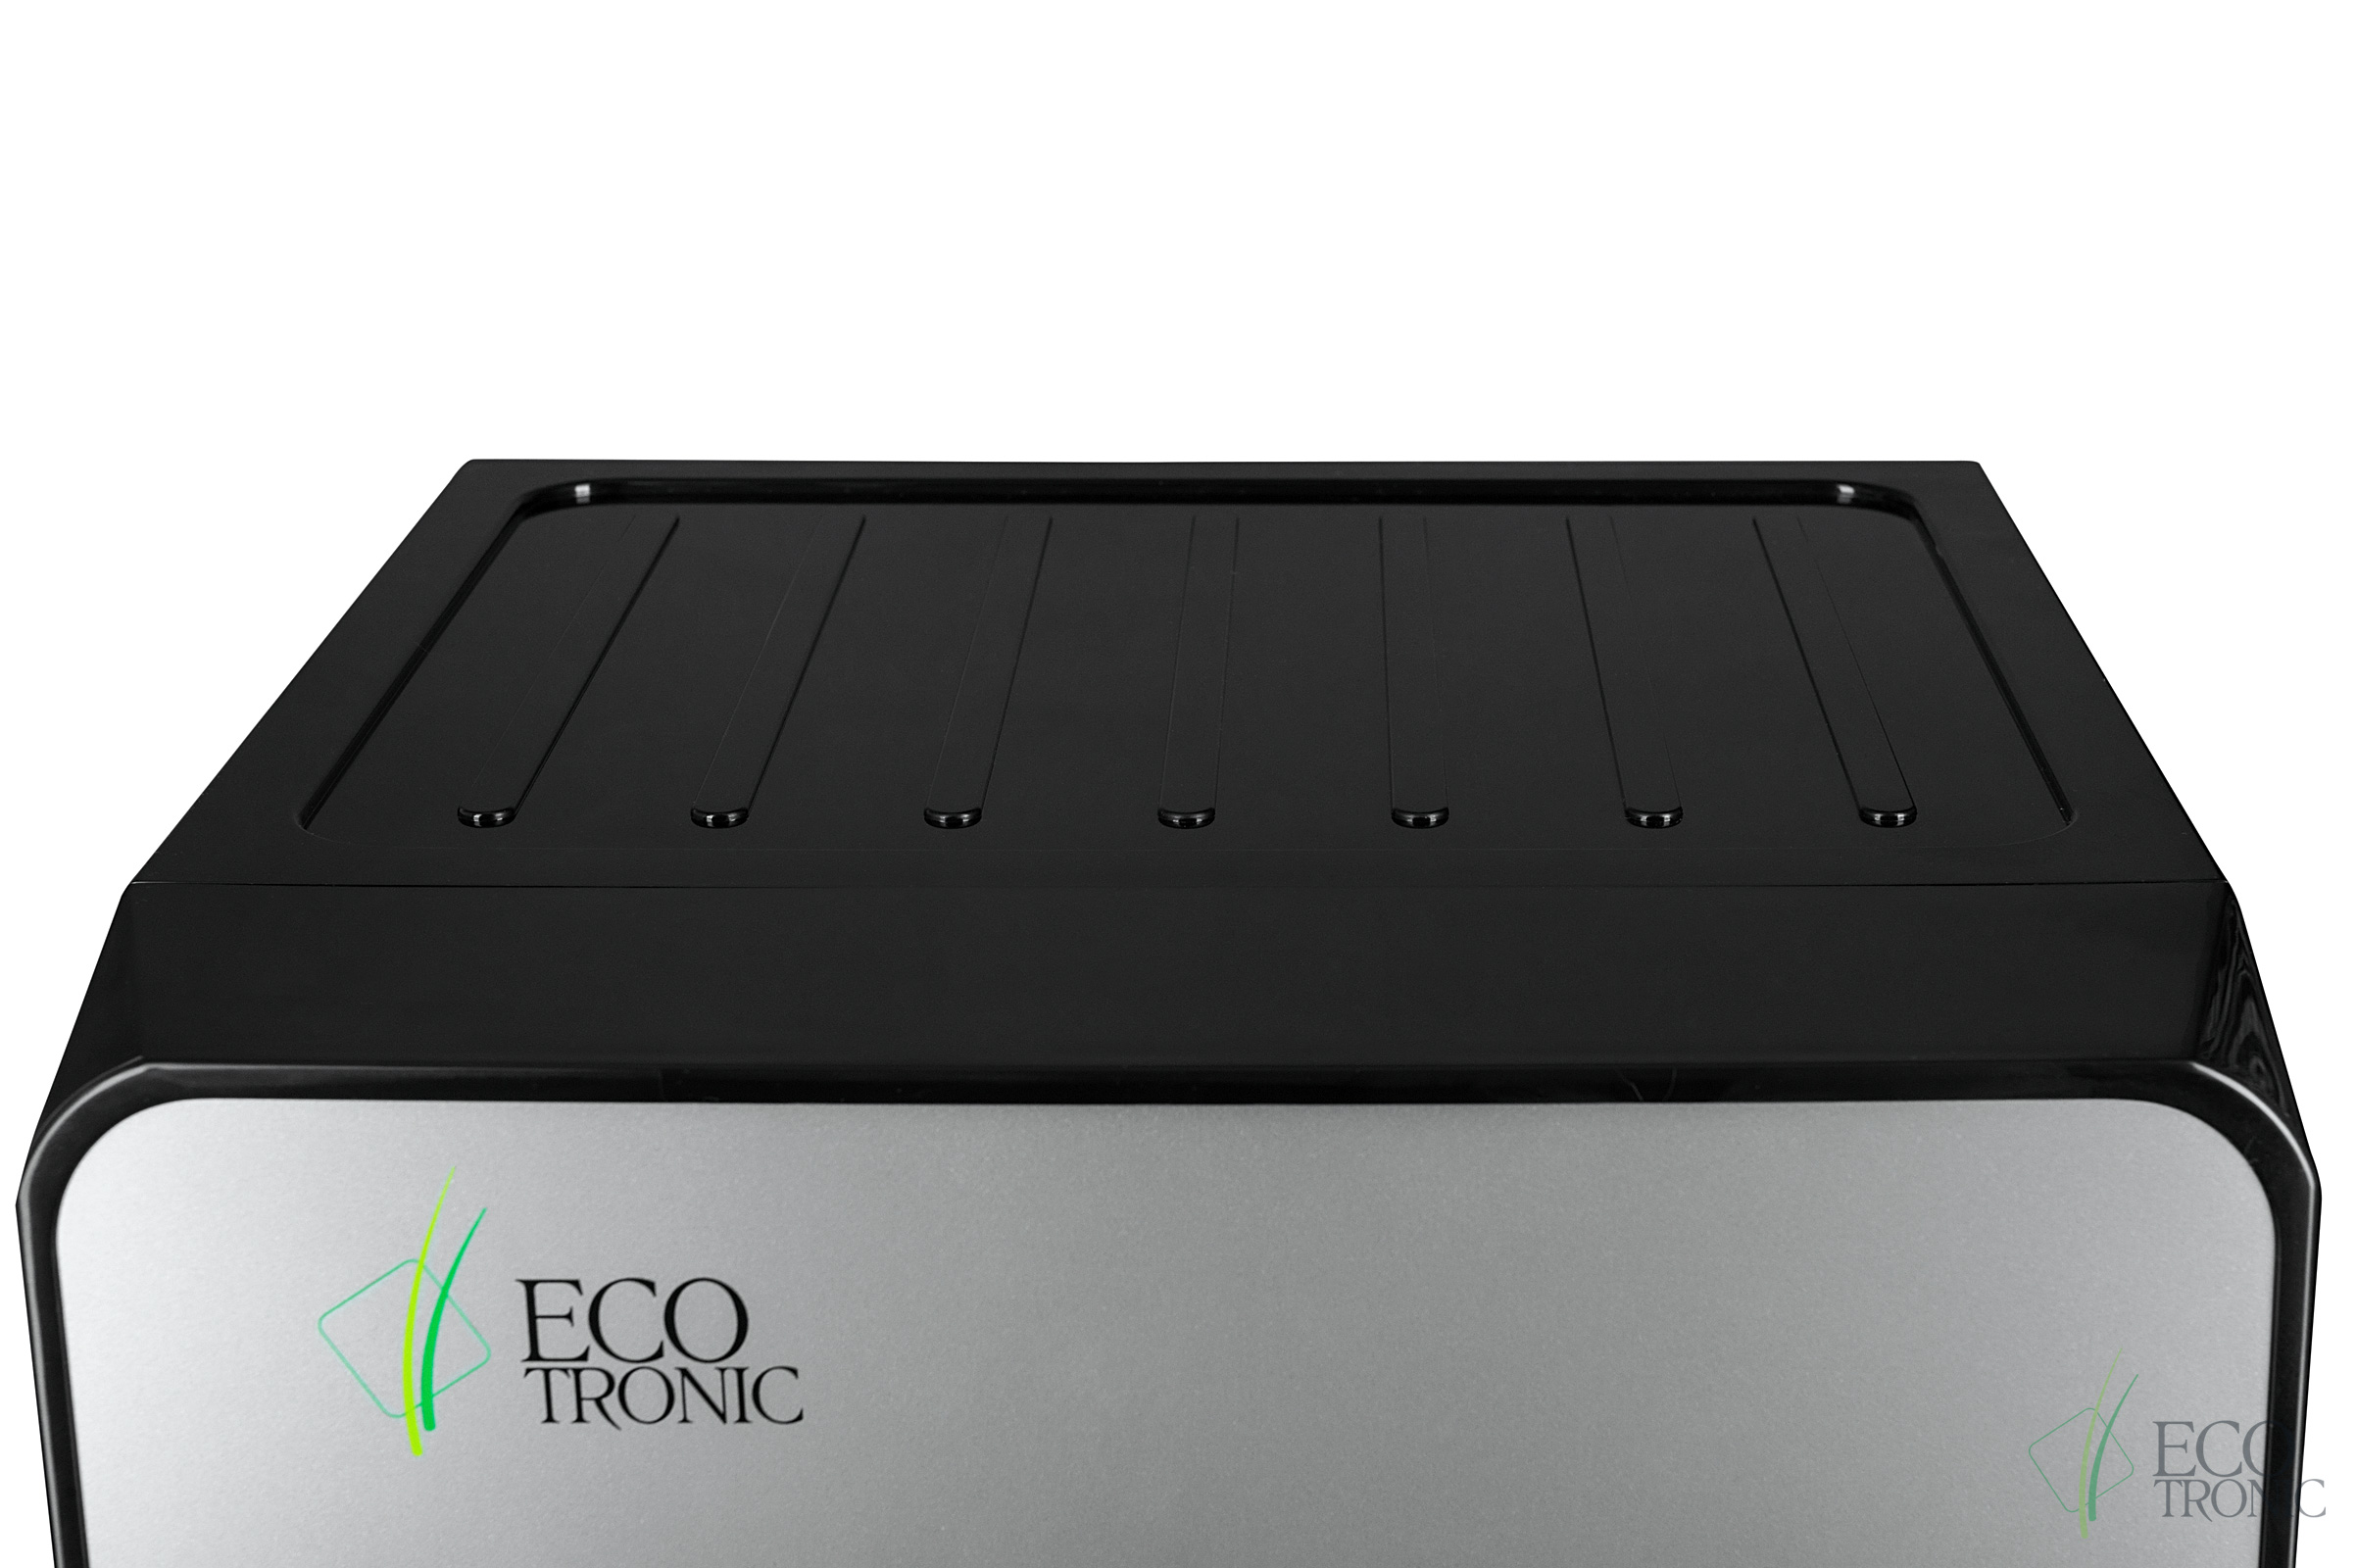 Пурифайер Ecotronic V19-U4L black+silver с ультрафильтрацией